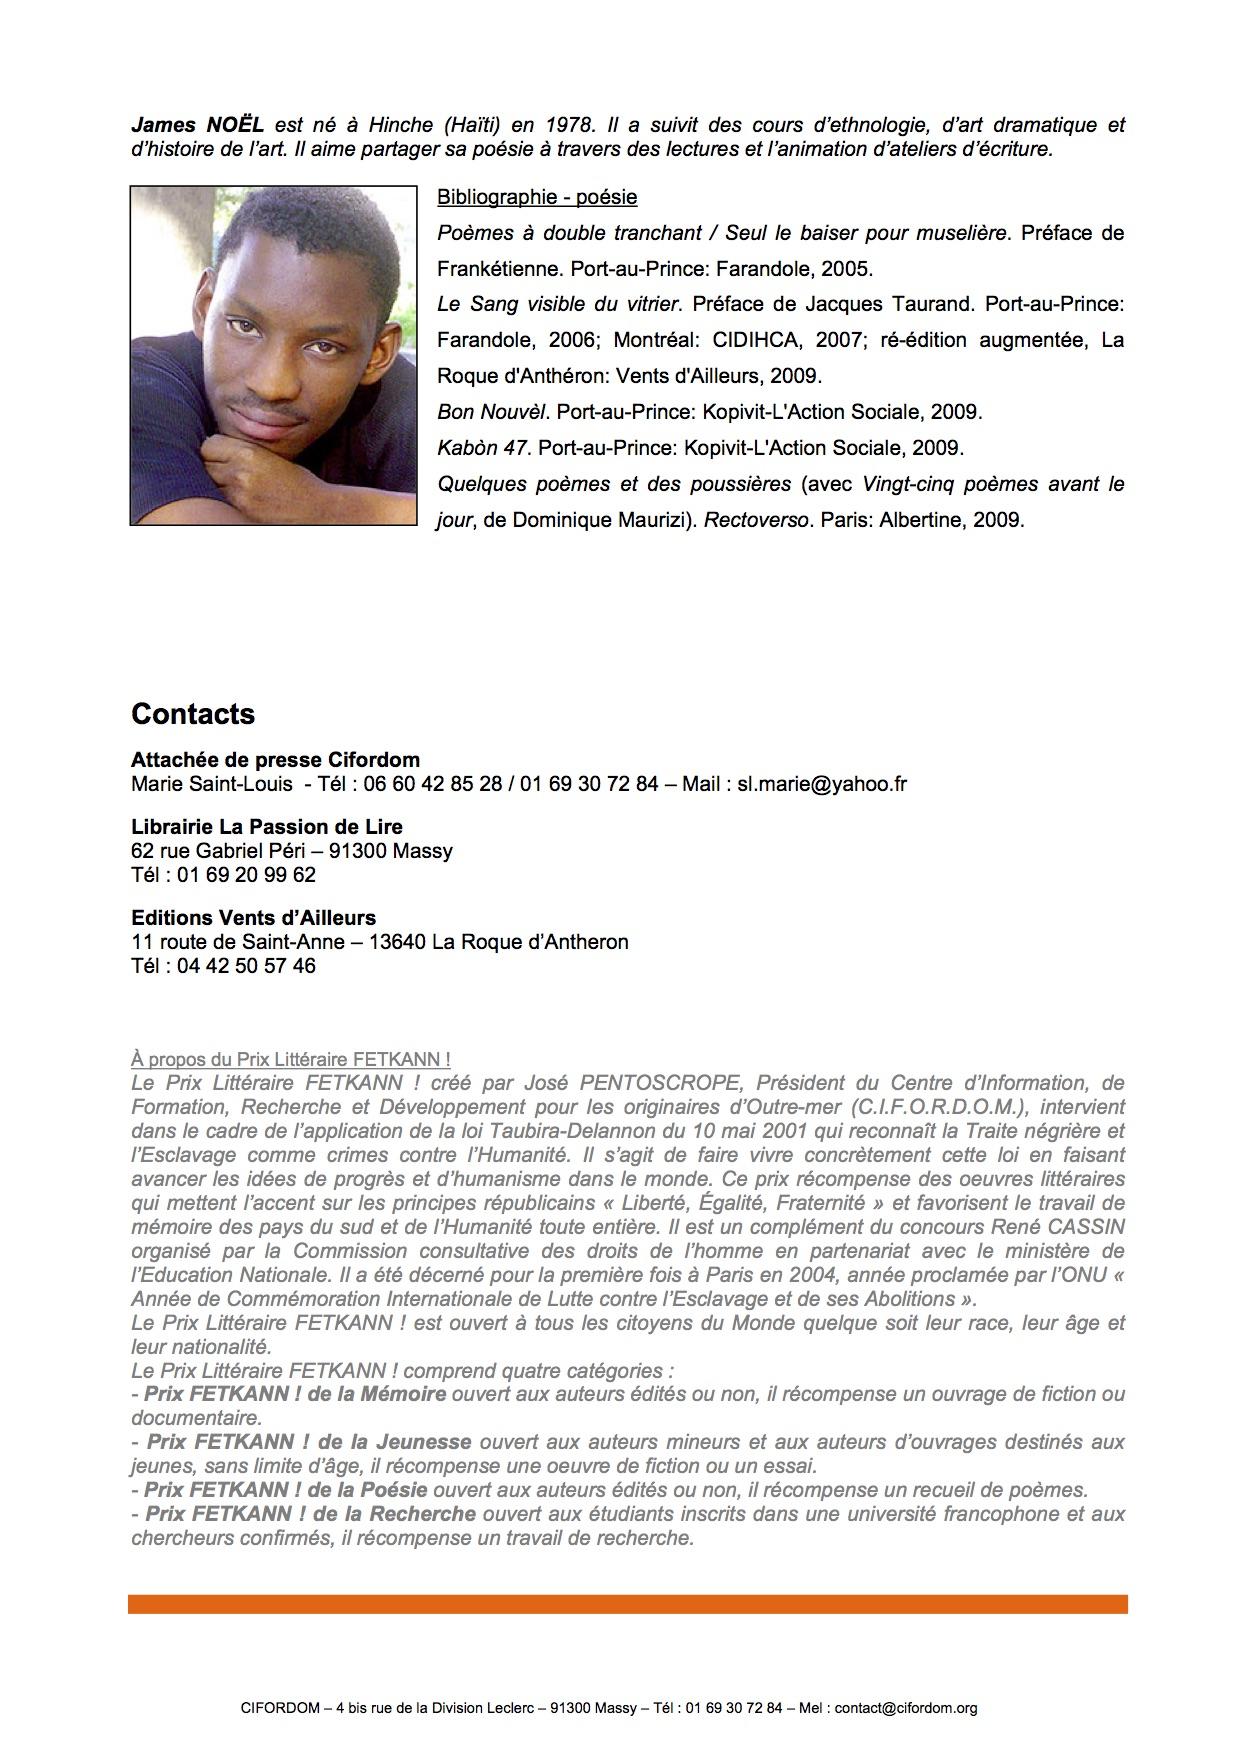 CommuniquédédicacesJamesNoël20_03_2010-2